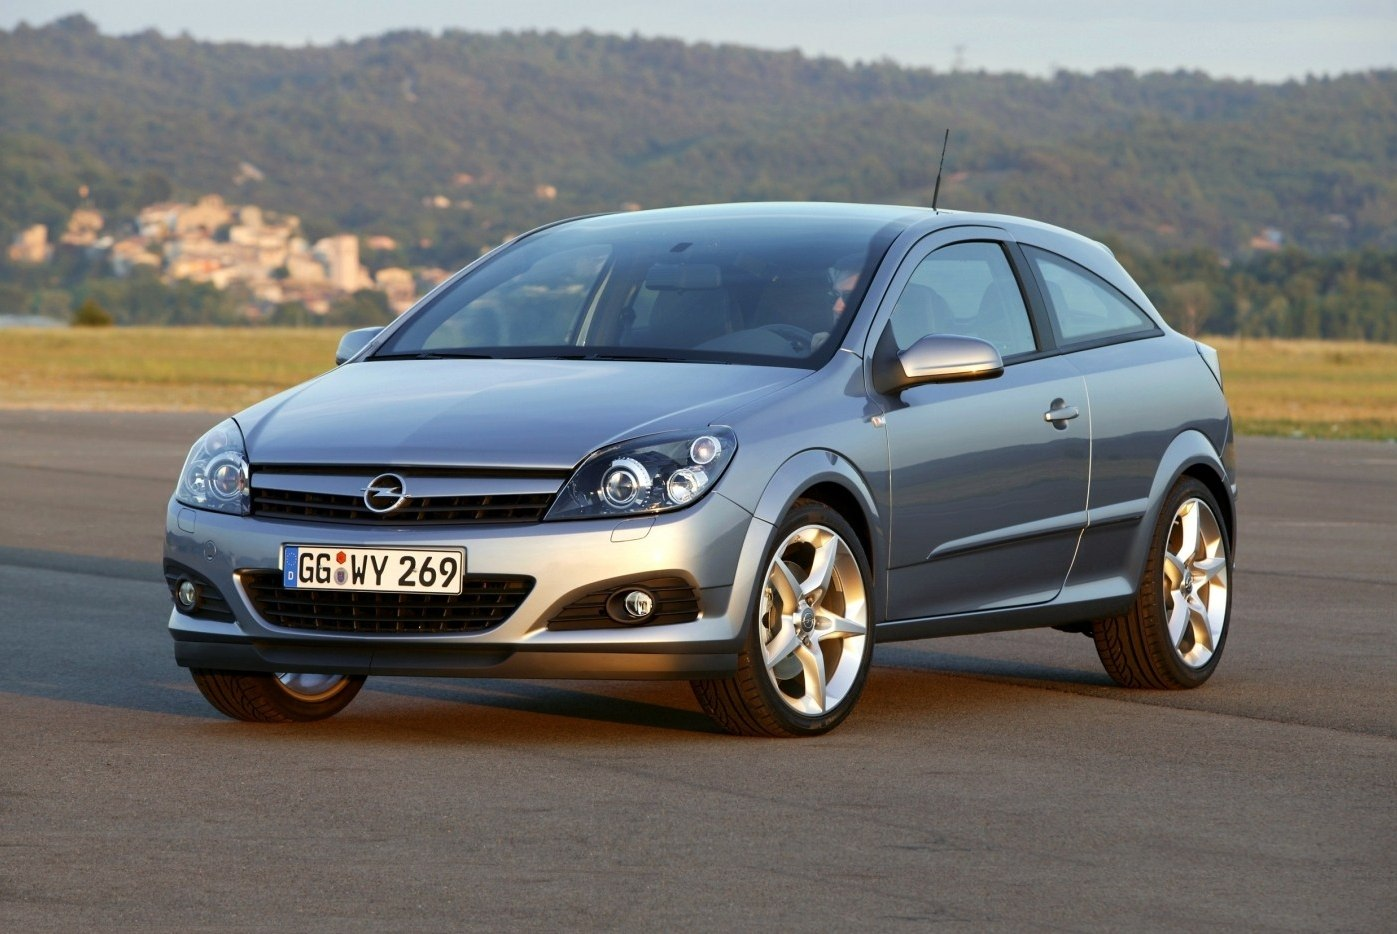 Opel astra gtc (опель астра gtc) - продажа, цены, отзывы, фото: 485 объявлений